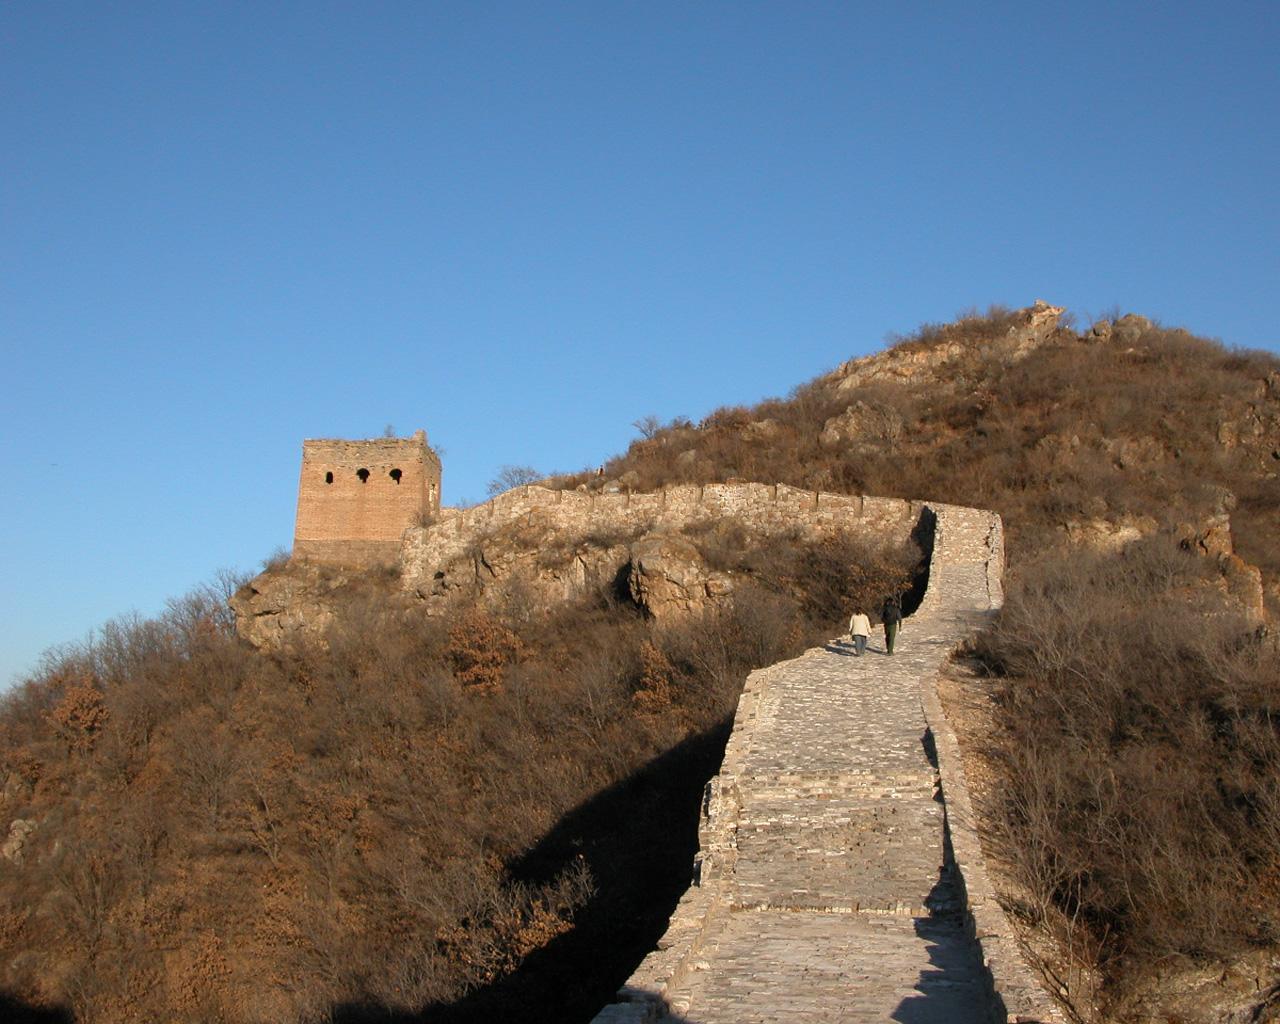 http://4.bp.blogspot.com/-sQ_0yvQM46k/TtnmxaD739I/AAAAAAAAEEw/9rFiLSFElrk/s1600/Simatai+Great+Wall+%2811%29.jpg